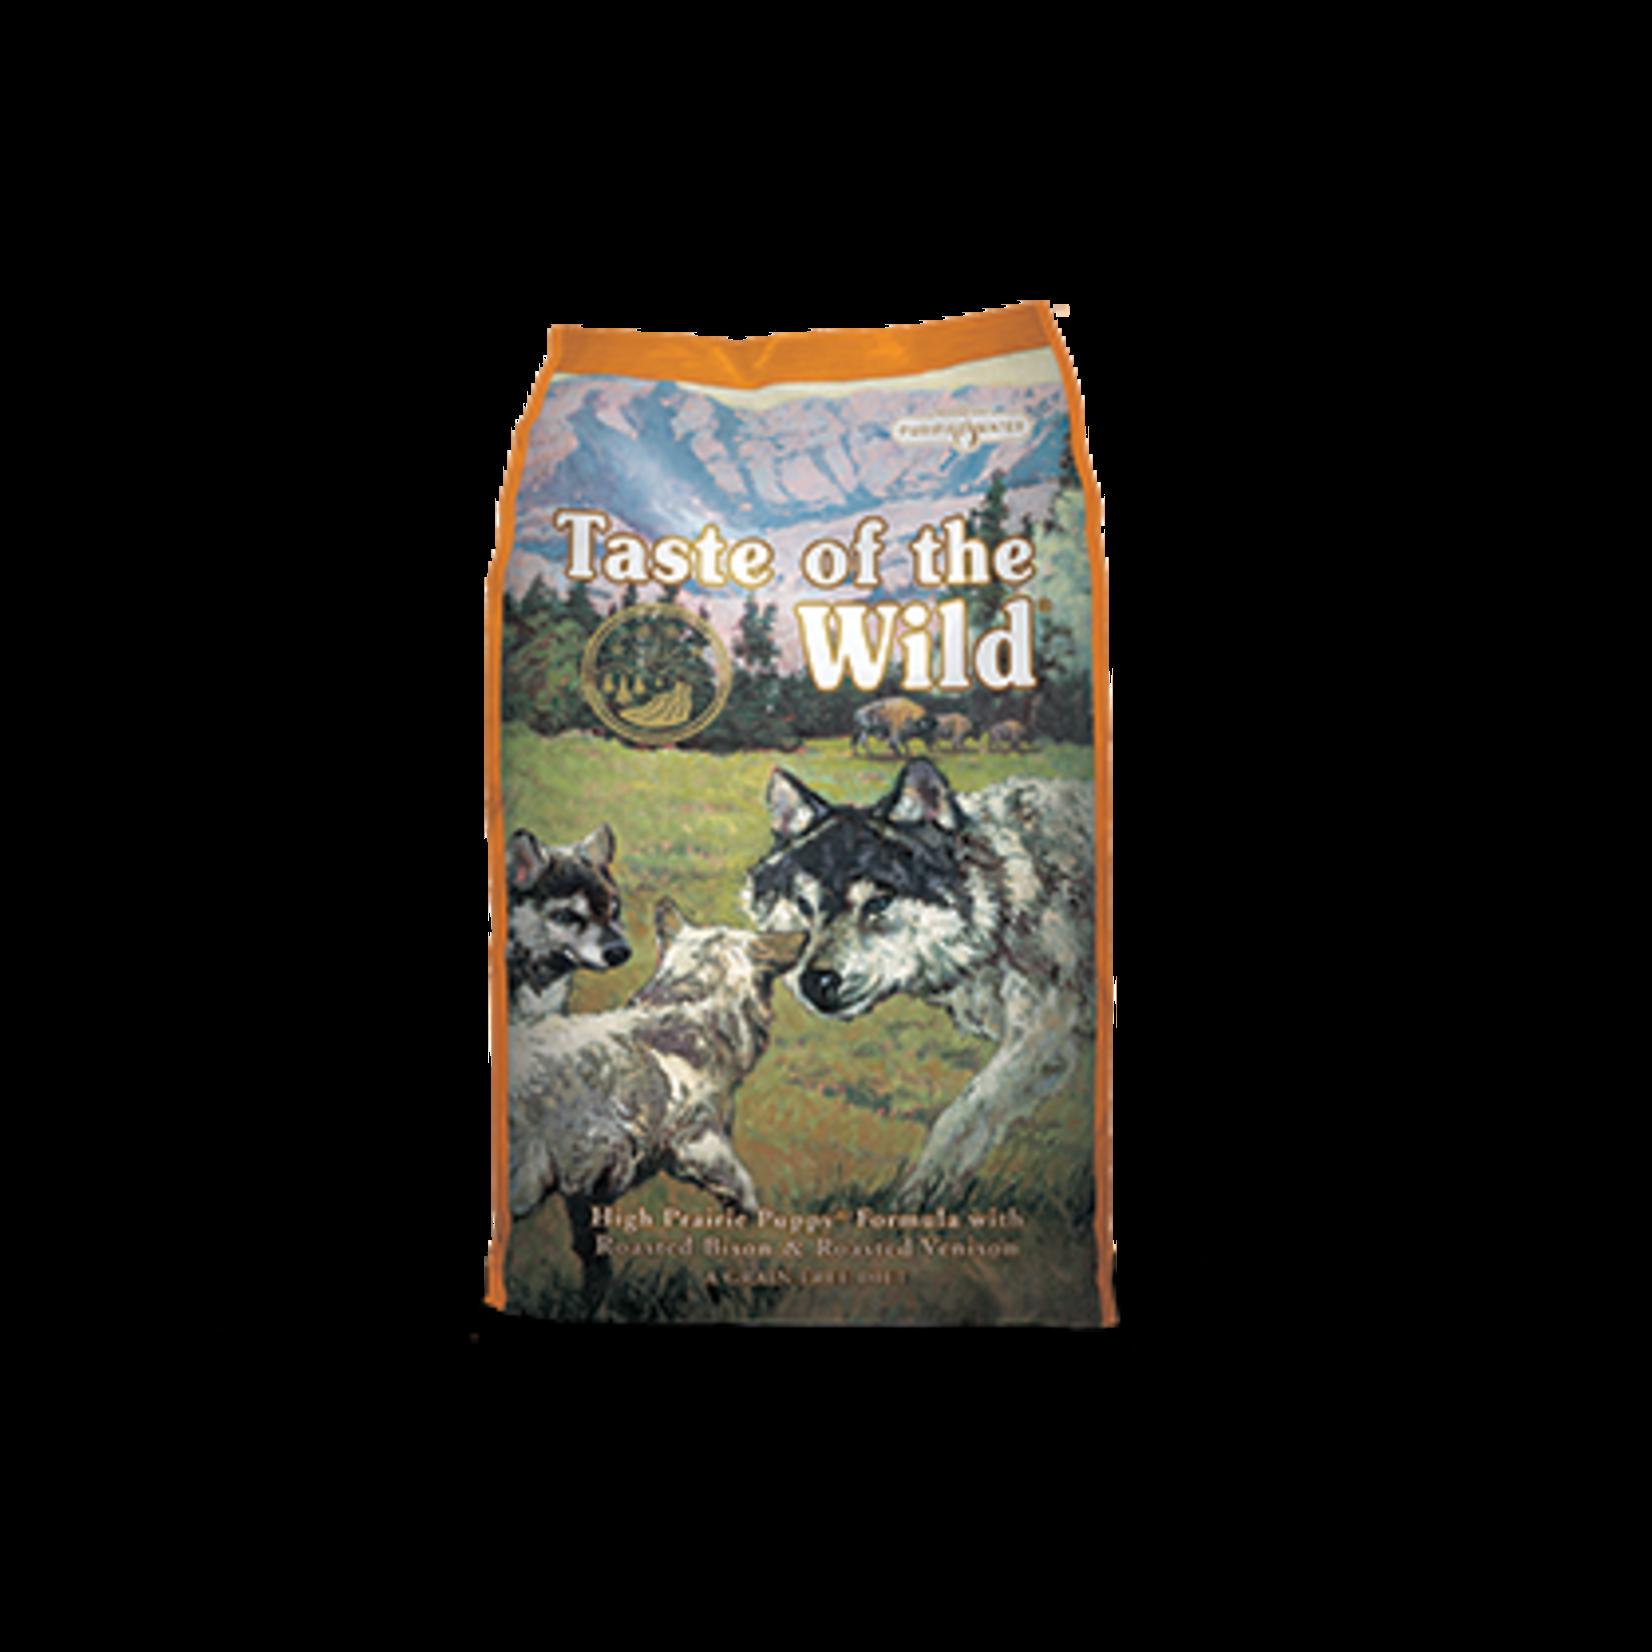 Taste of the Wild Taste of the Wild High Prairie Puppy Food